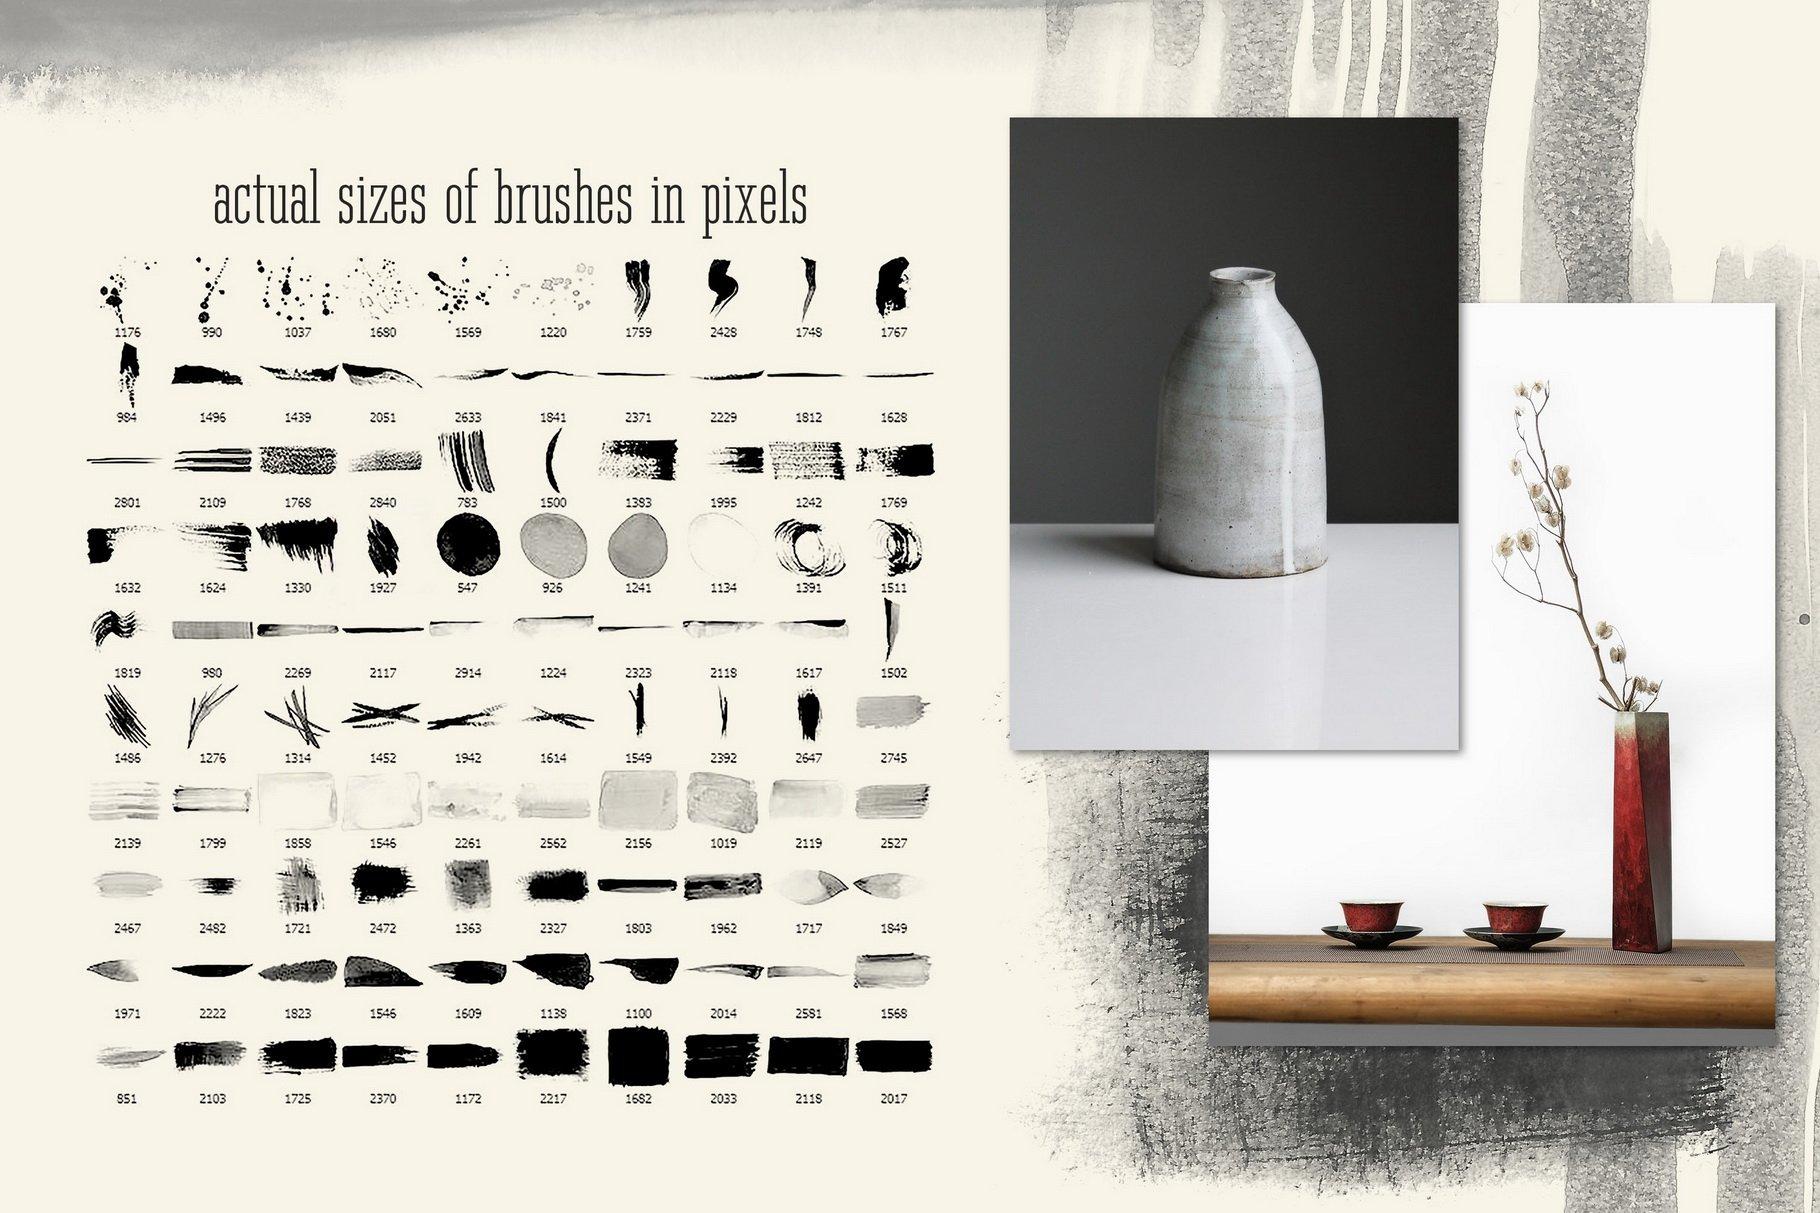 775款艺术气息水彩水墨丙烯酸绘画效果PS图章笔刷素材 Photoshop Stamp Brushes Bundle 2020插图11